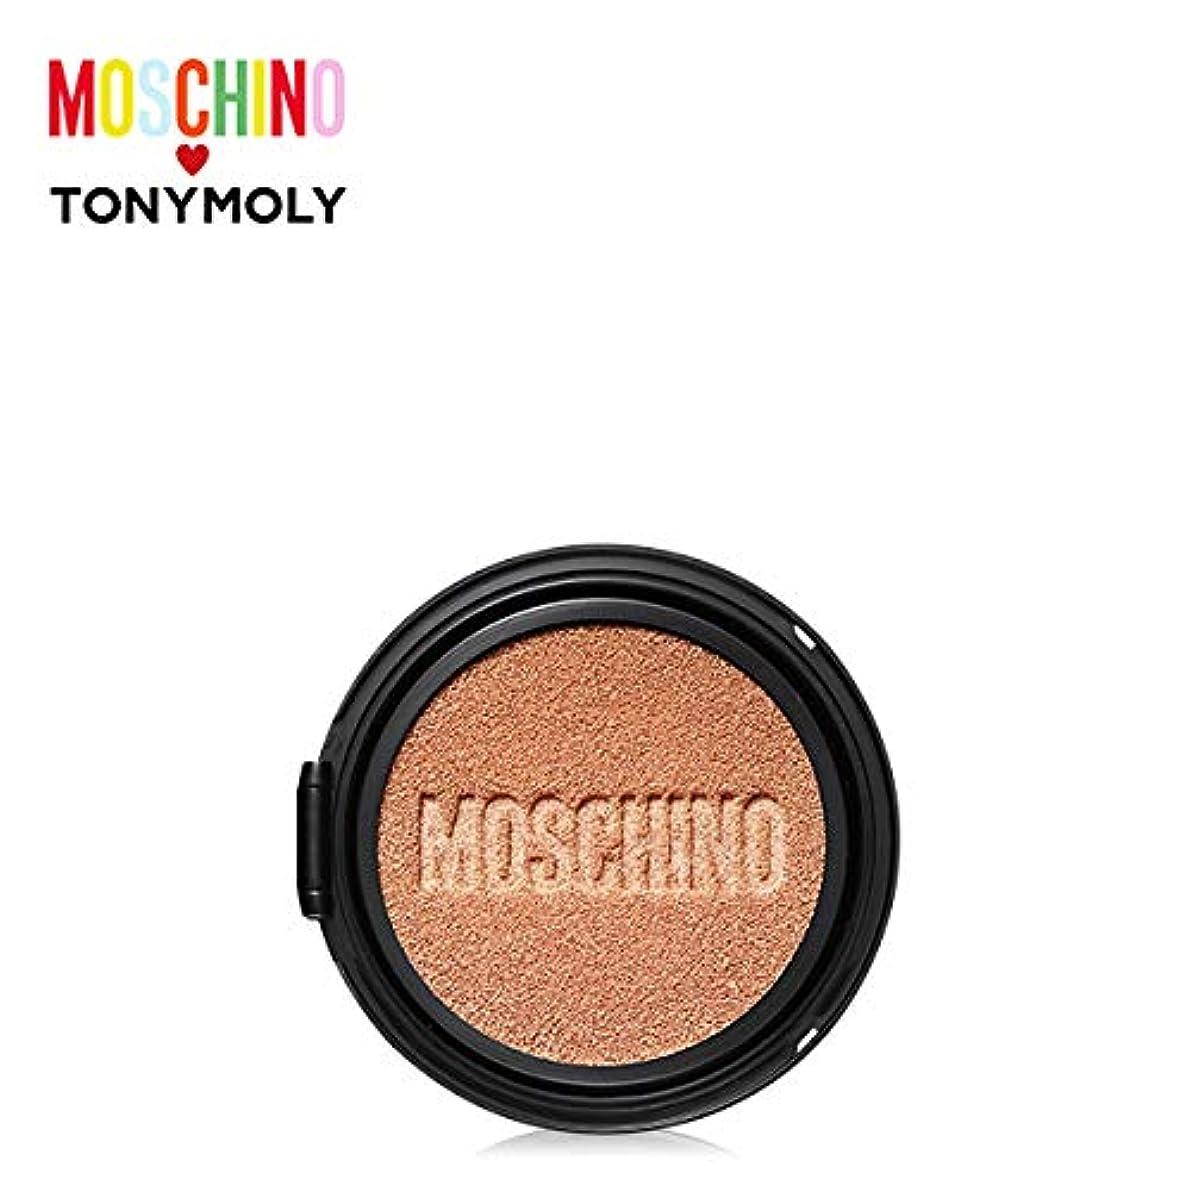 非効率的なご飯ダニTONYMOLY [MOSCHINO Edition] Gold Edition Chic Skin Cushion -Refill #01 CHIC VANILLA トニーモリー [モスキーノ] ゴールドエディション...